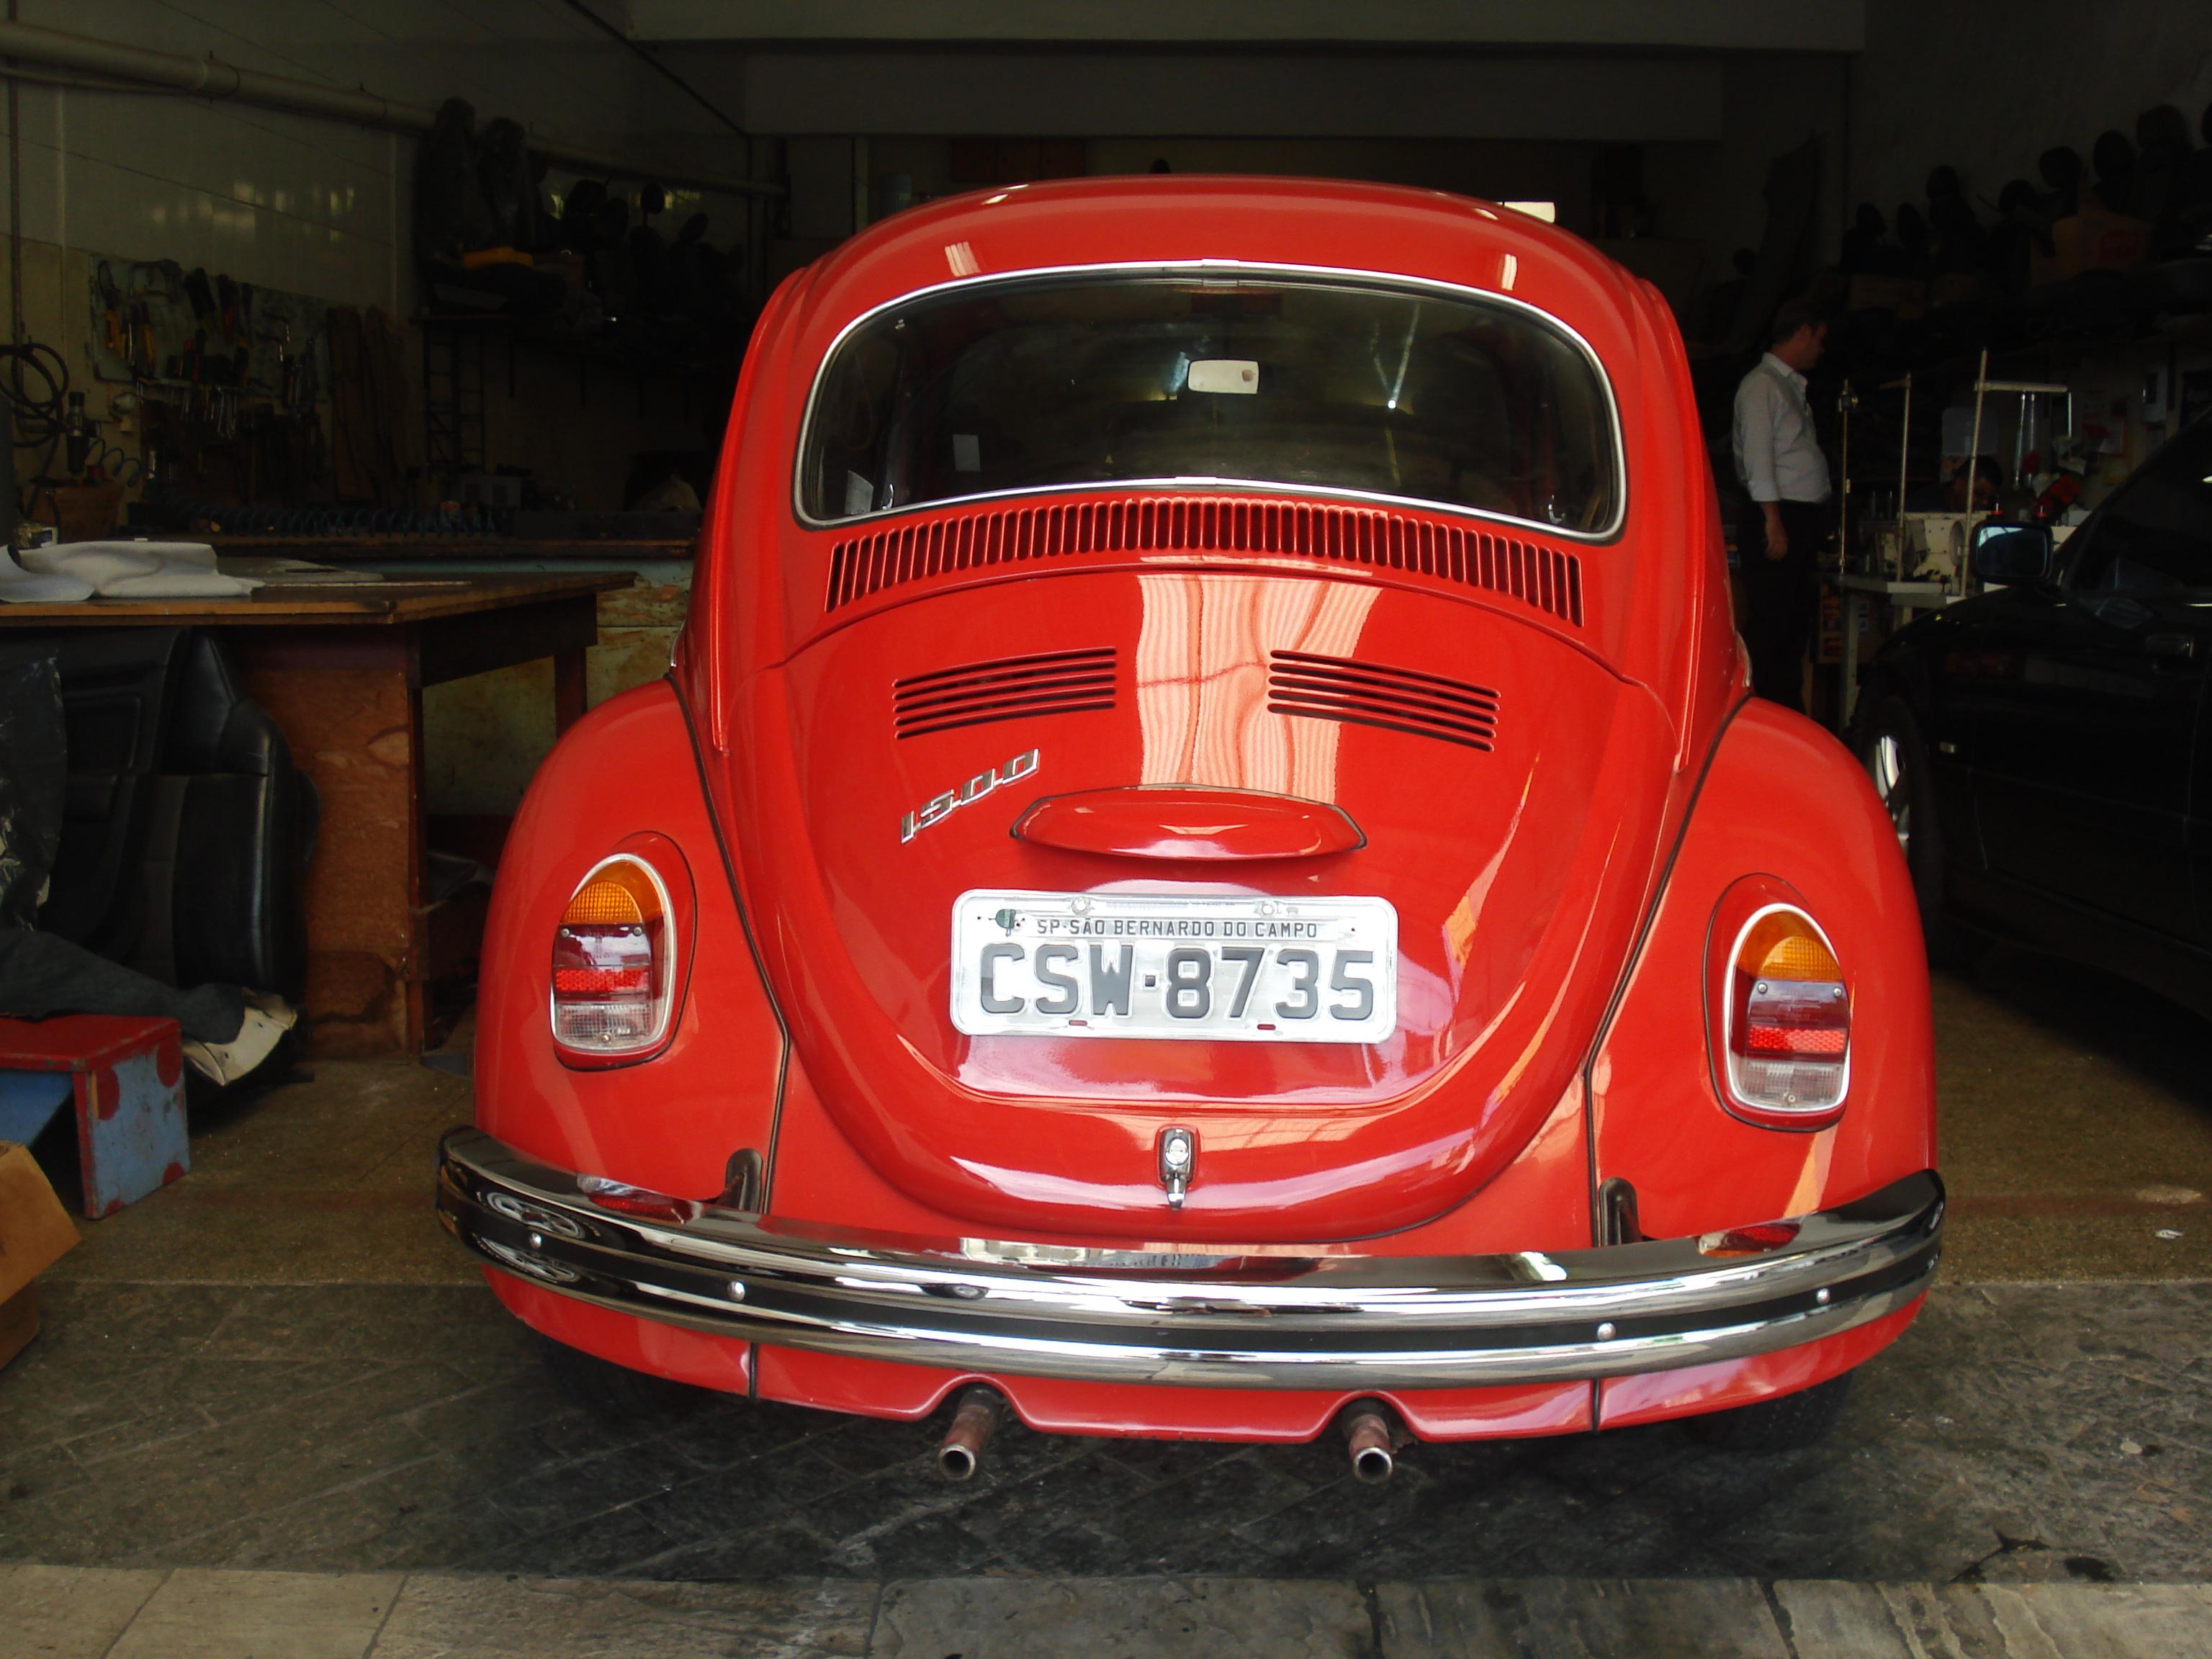 Volkswagen Beetle Images Fusc 227 O 1972 Brazilian Beetle Hd